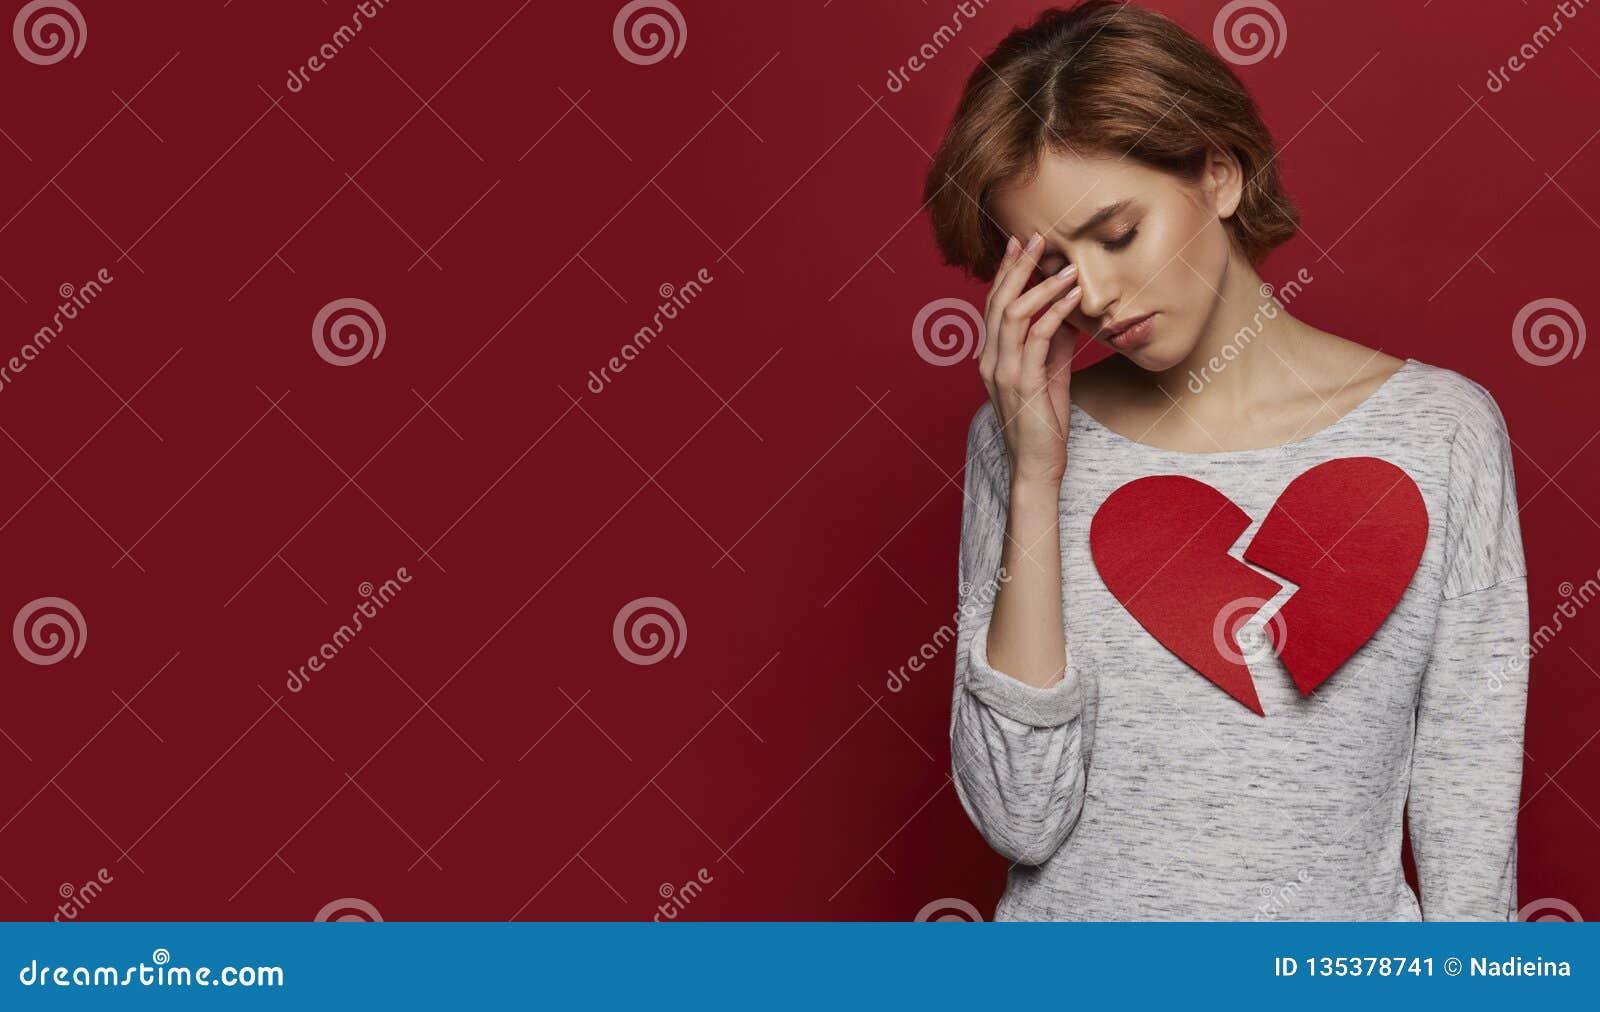 La Fille Simple Triste Avec Le Grand Coeur Brisé A Eu Vers